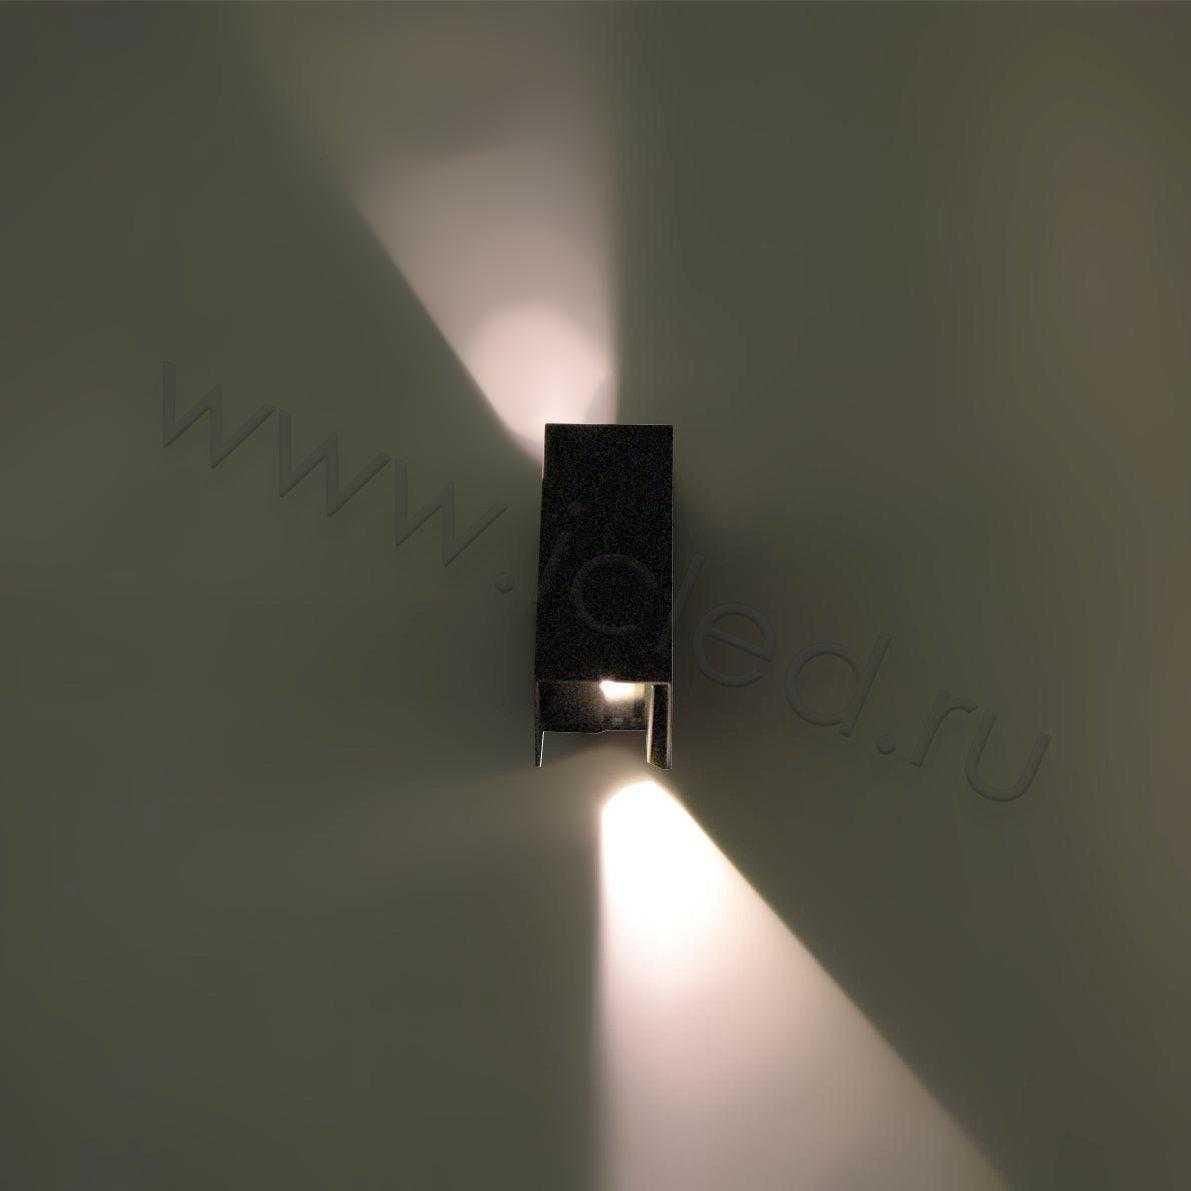 Светодиодный светильник UCR6450 MS, Warm White